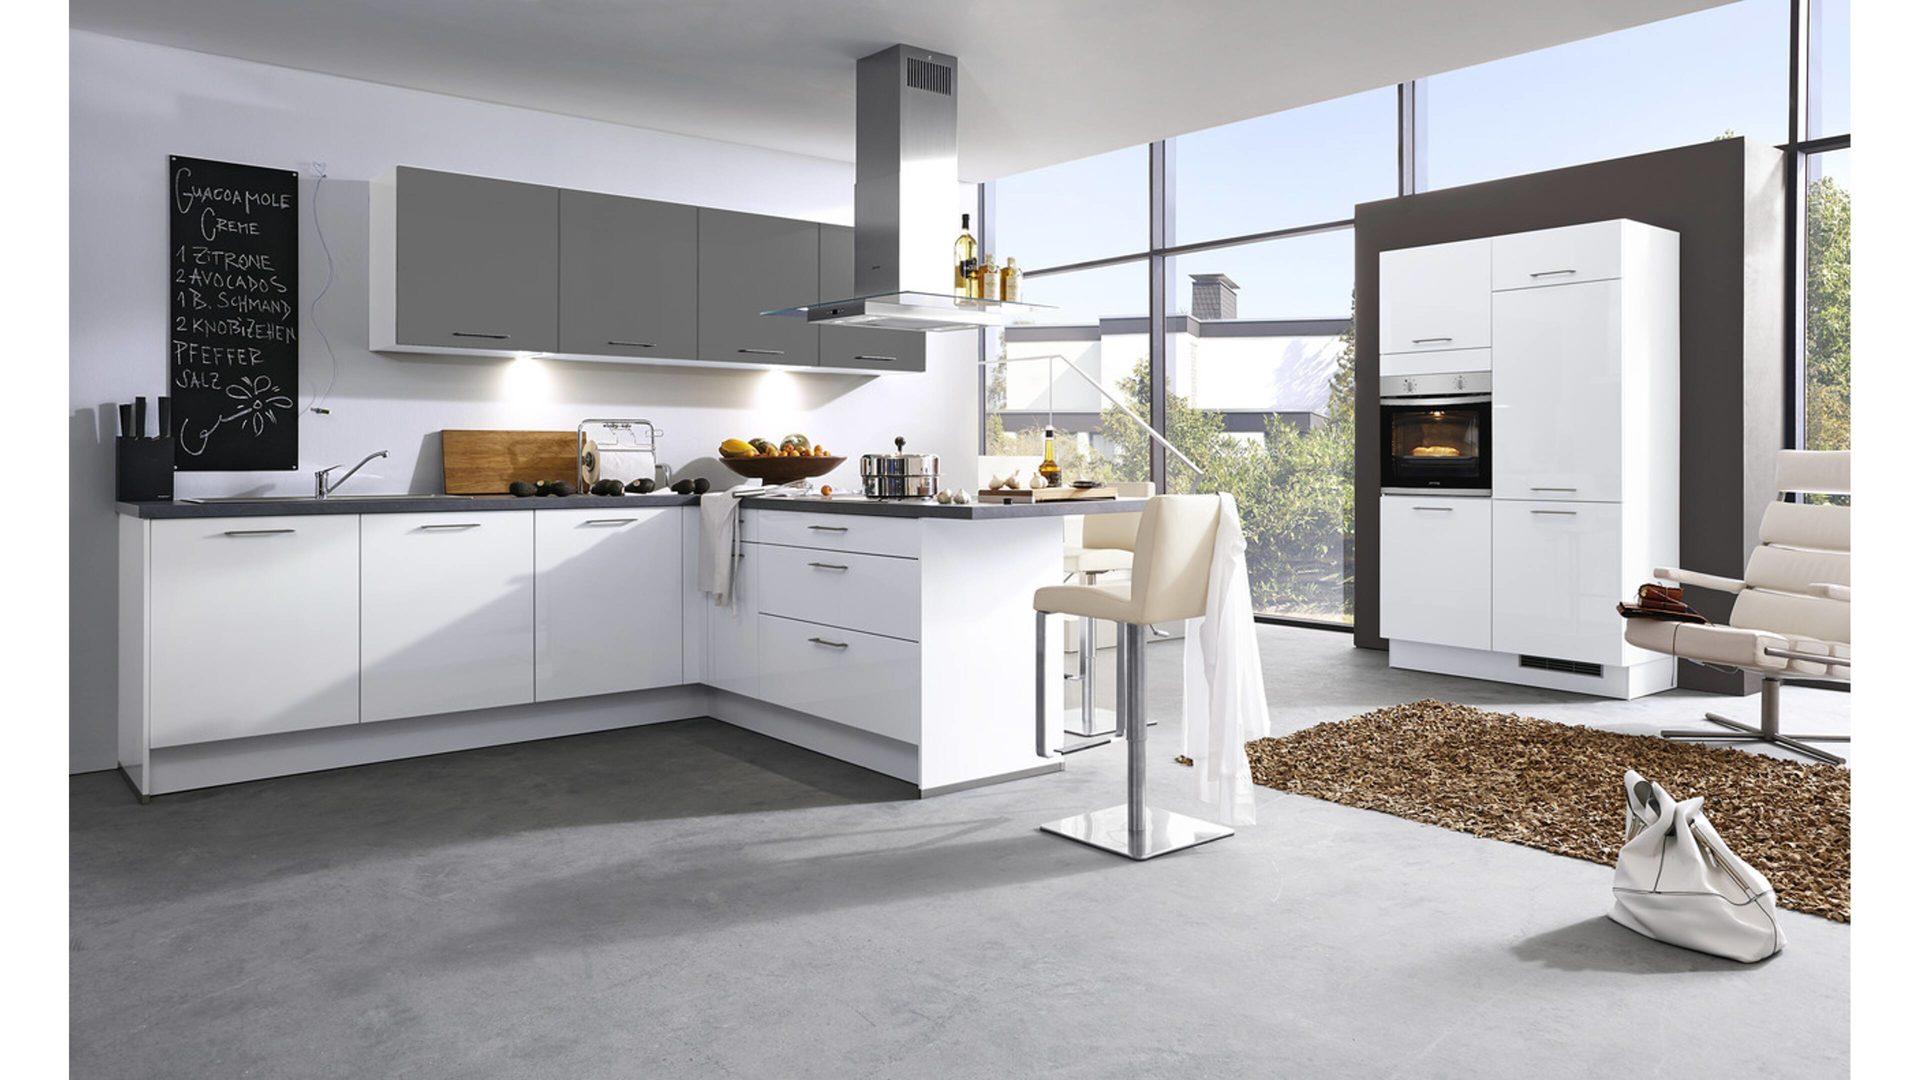 Fein Küche Renovieren Budgetplaner Fotos - Küche Set Ideen ...